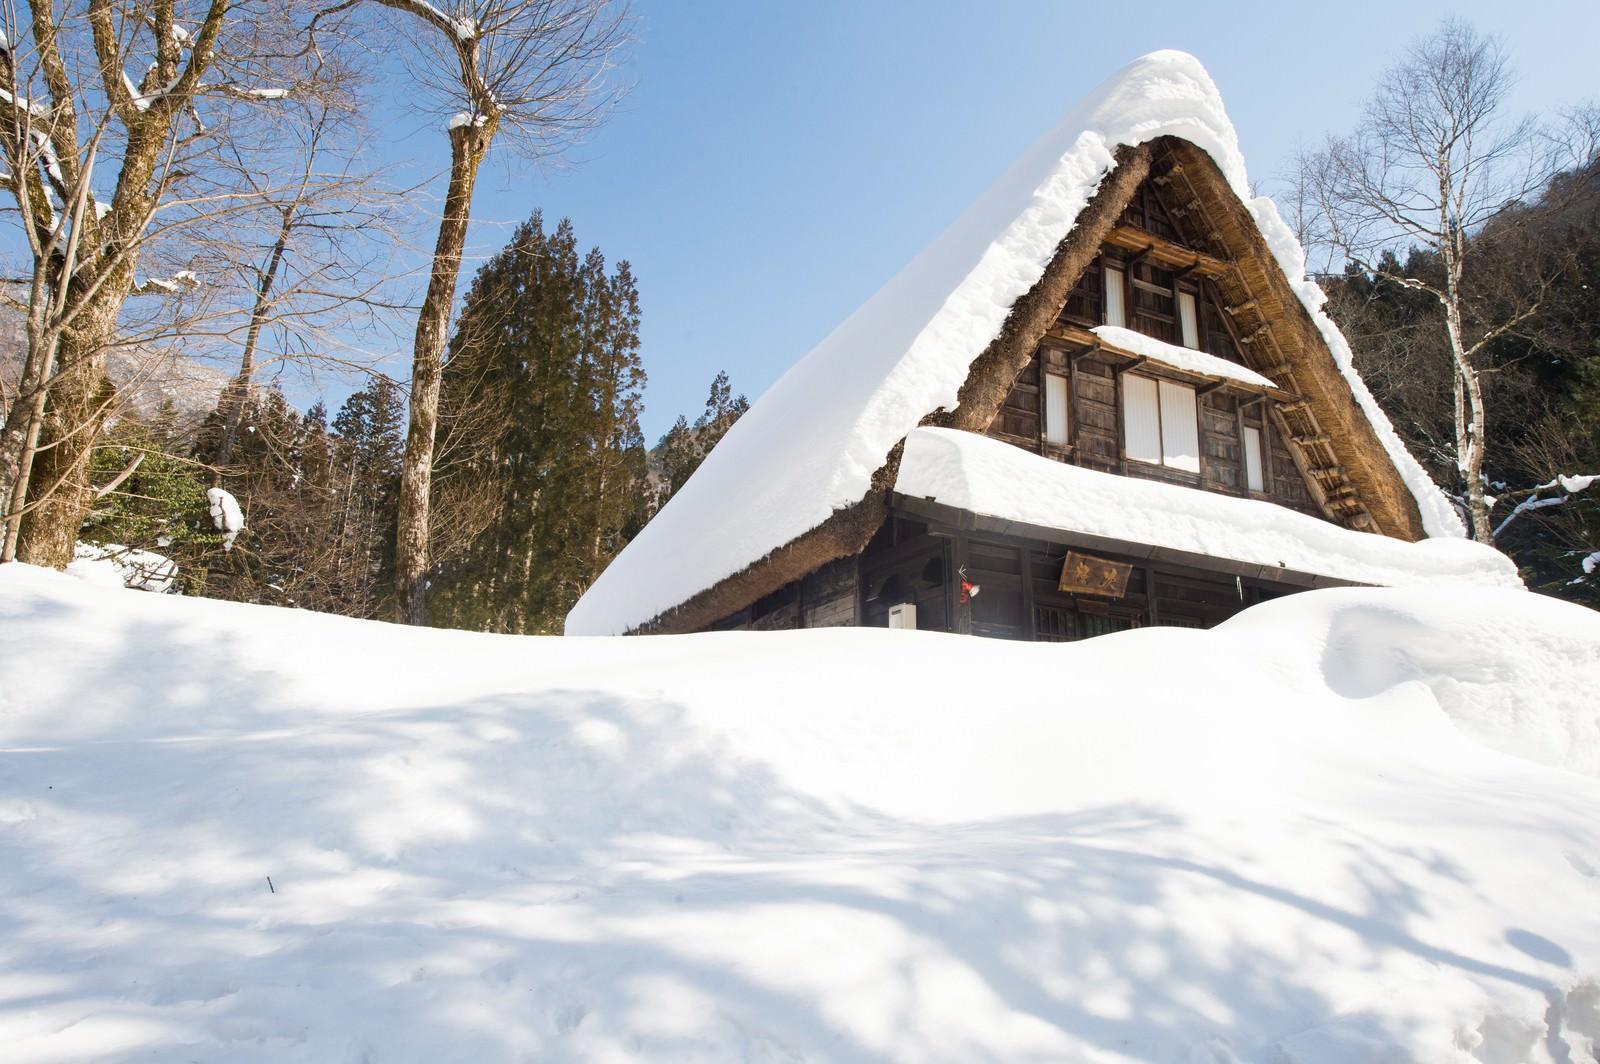 「豪雪地帯に似合う風情ある合掌造りの平湯民俗館豪雪地帯に似合う風情ある合掌造りの平湯民俗館」のフリー写真素材を拡大